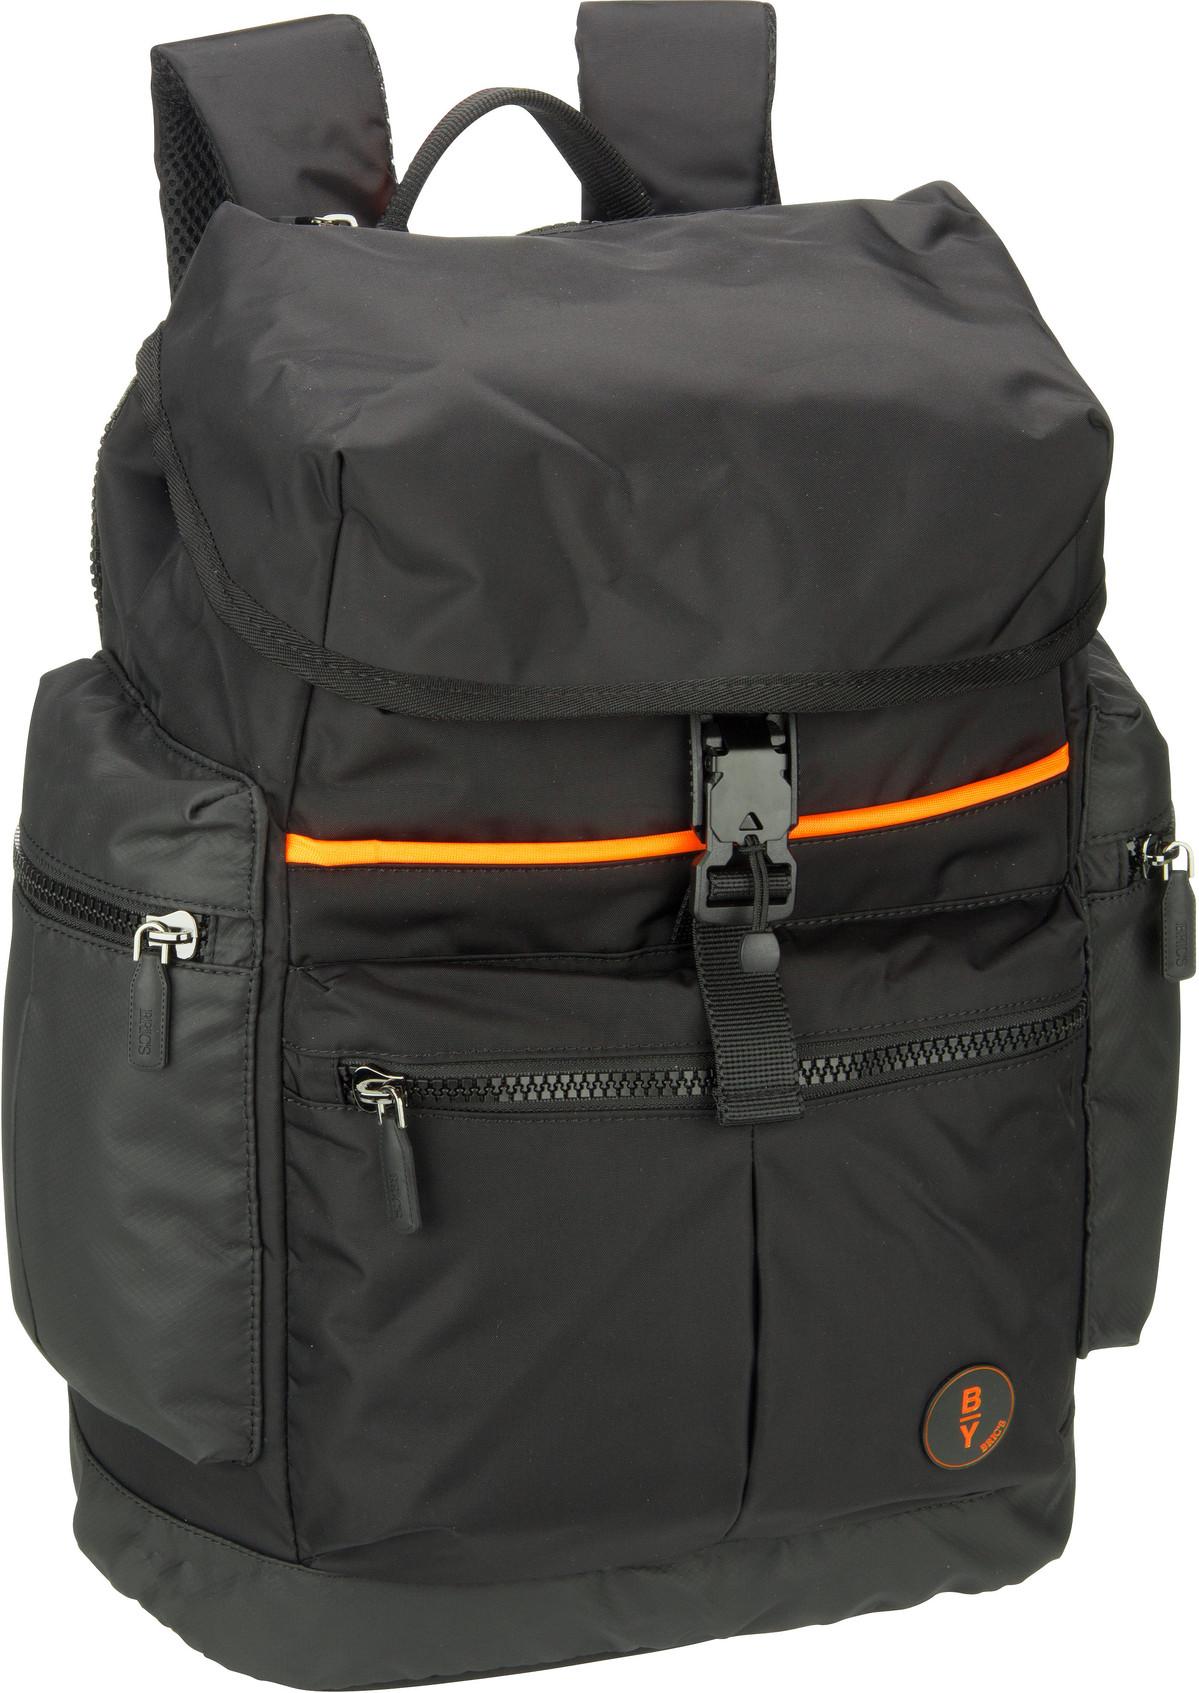 's Rucksack / Daypack Eolo 4495 Nero